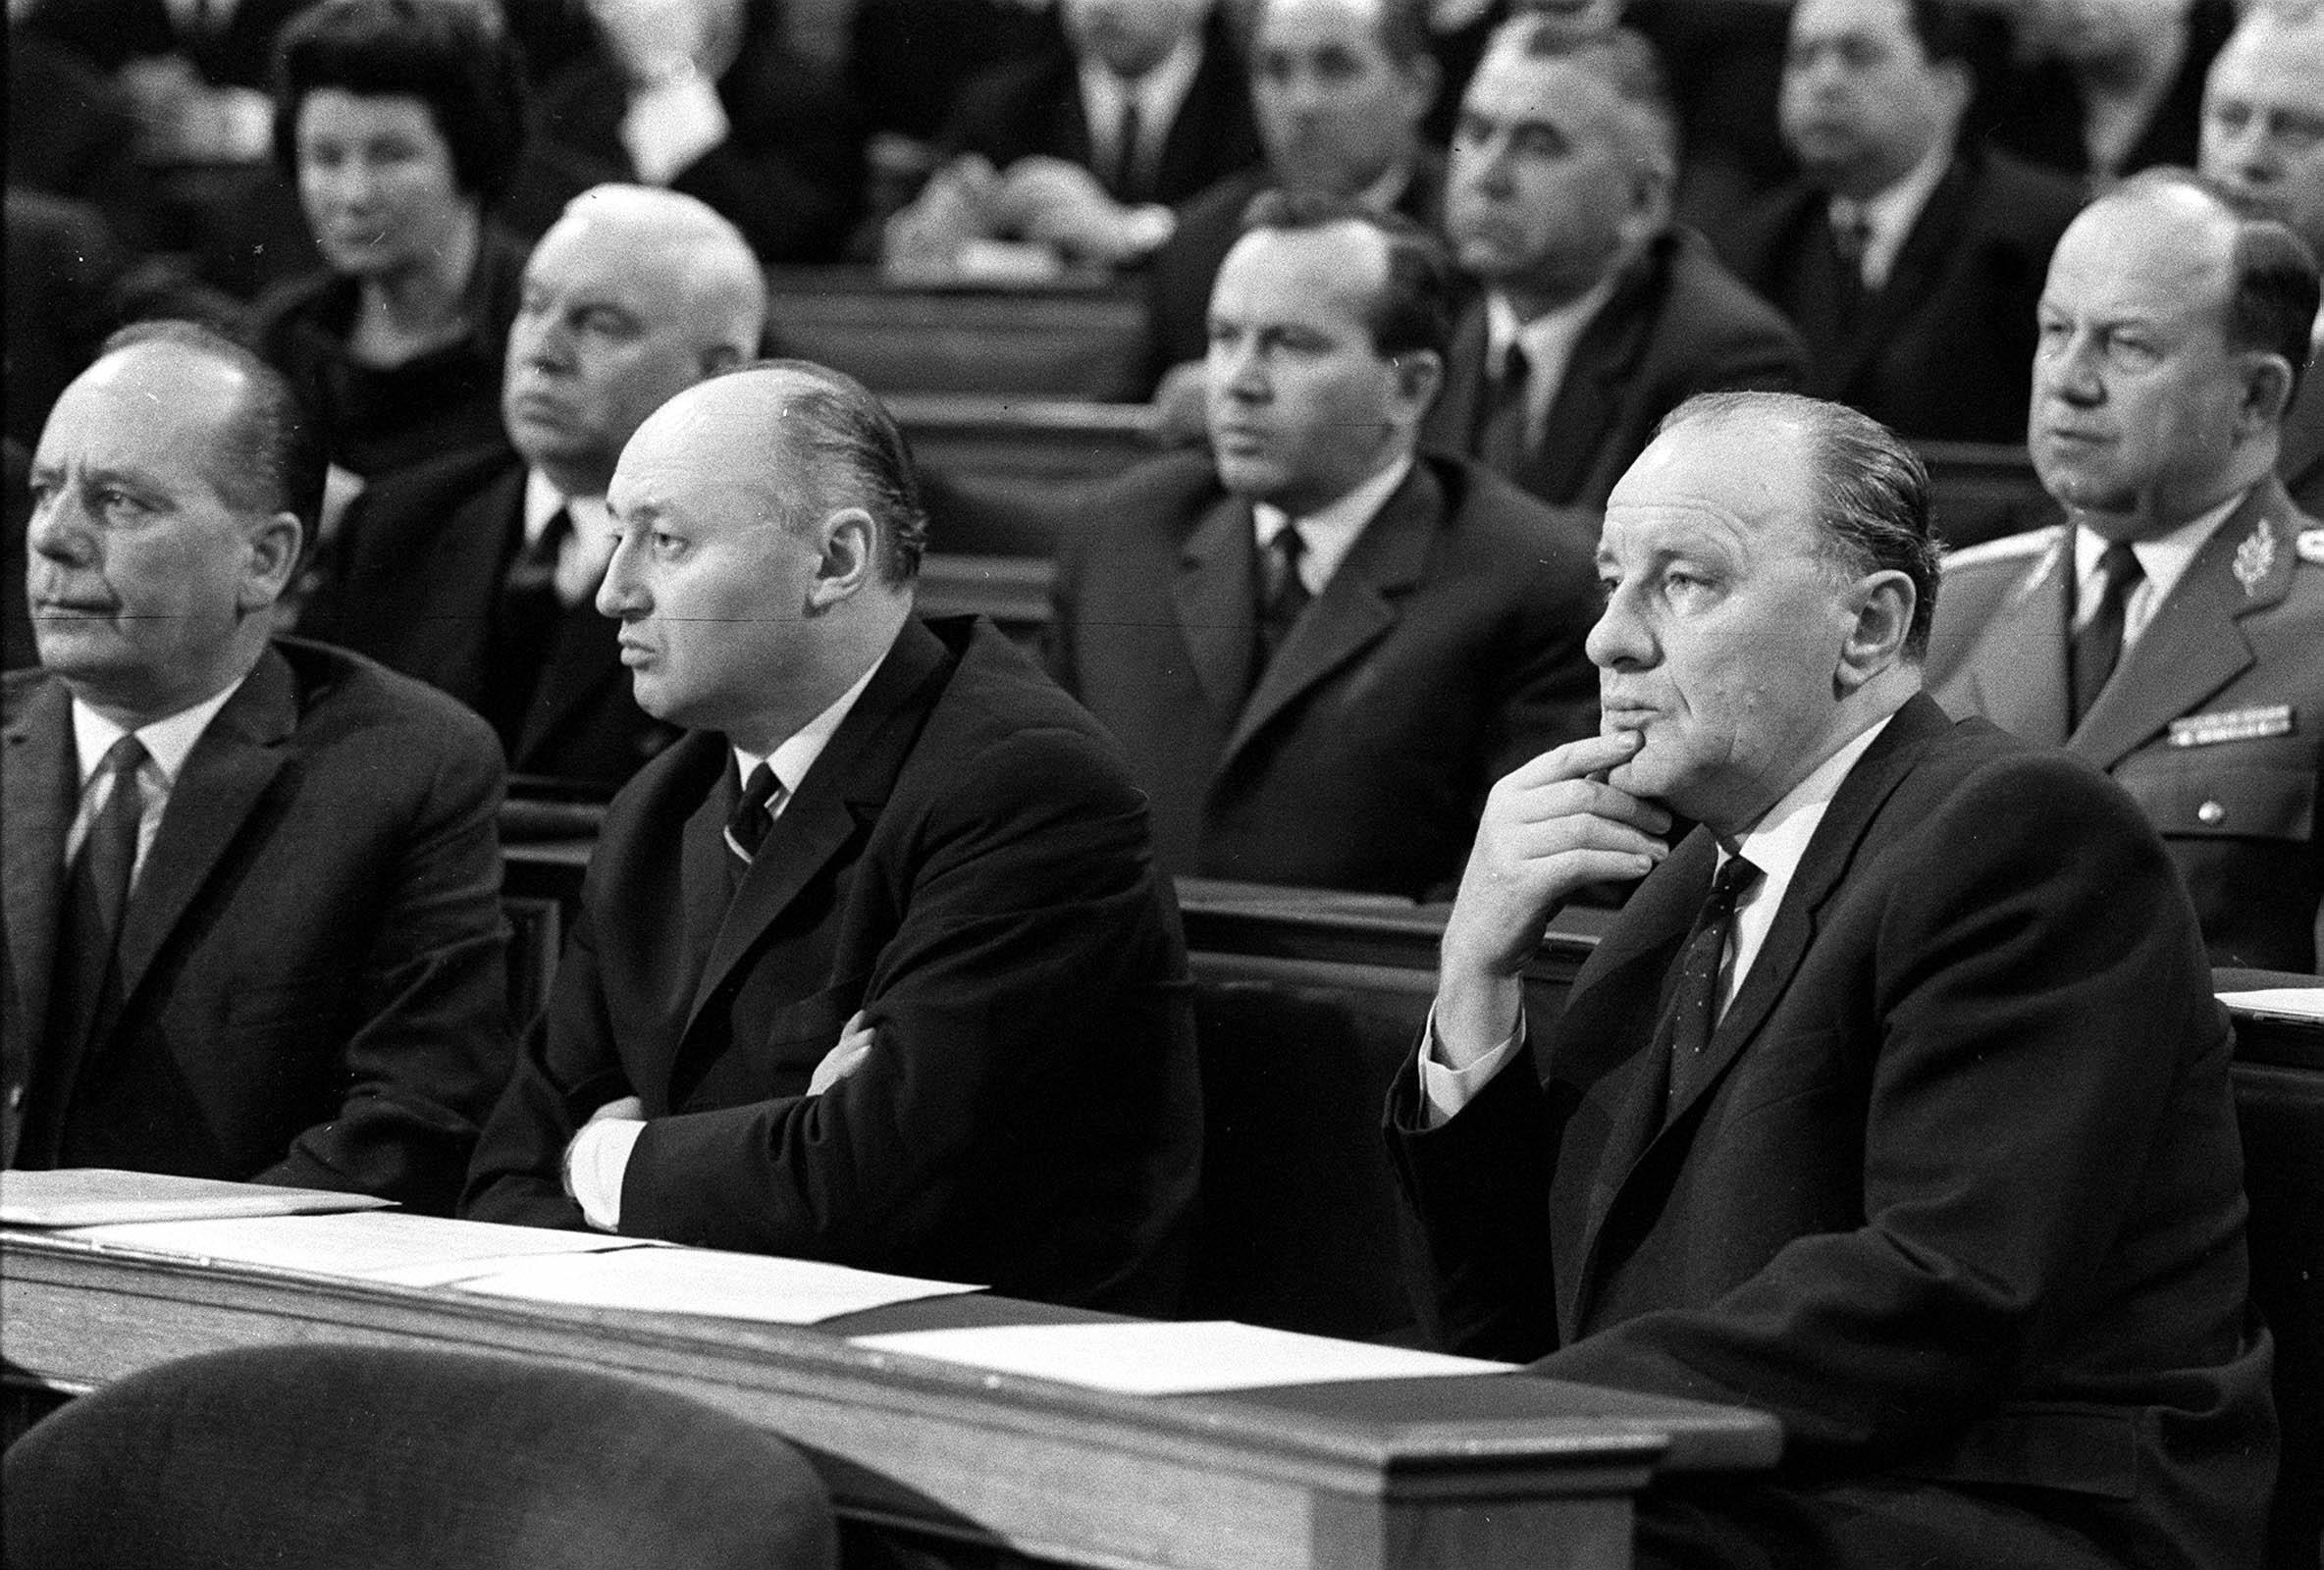 Együtt a kommunista vezetés: Gáspár Sándor, mellette Biszku Béla és Kádár / Fotó: MTI